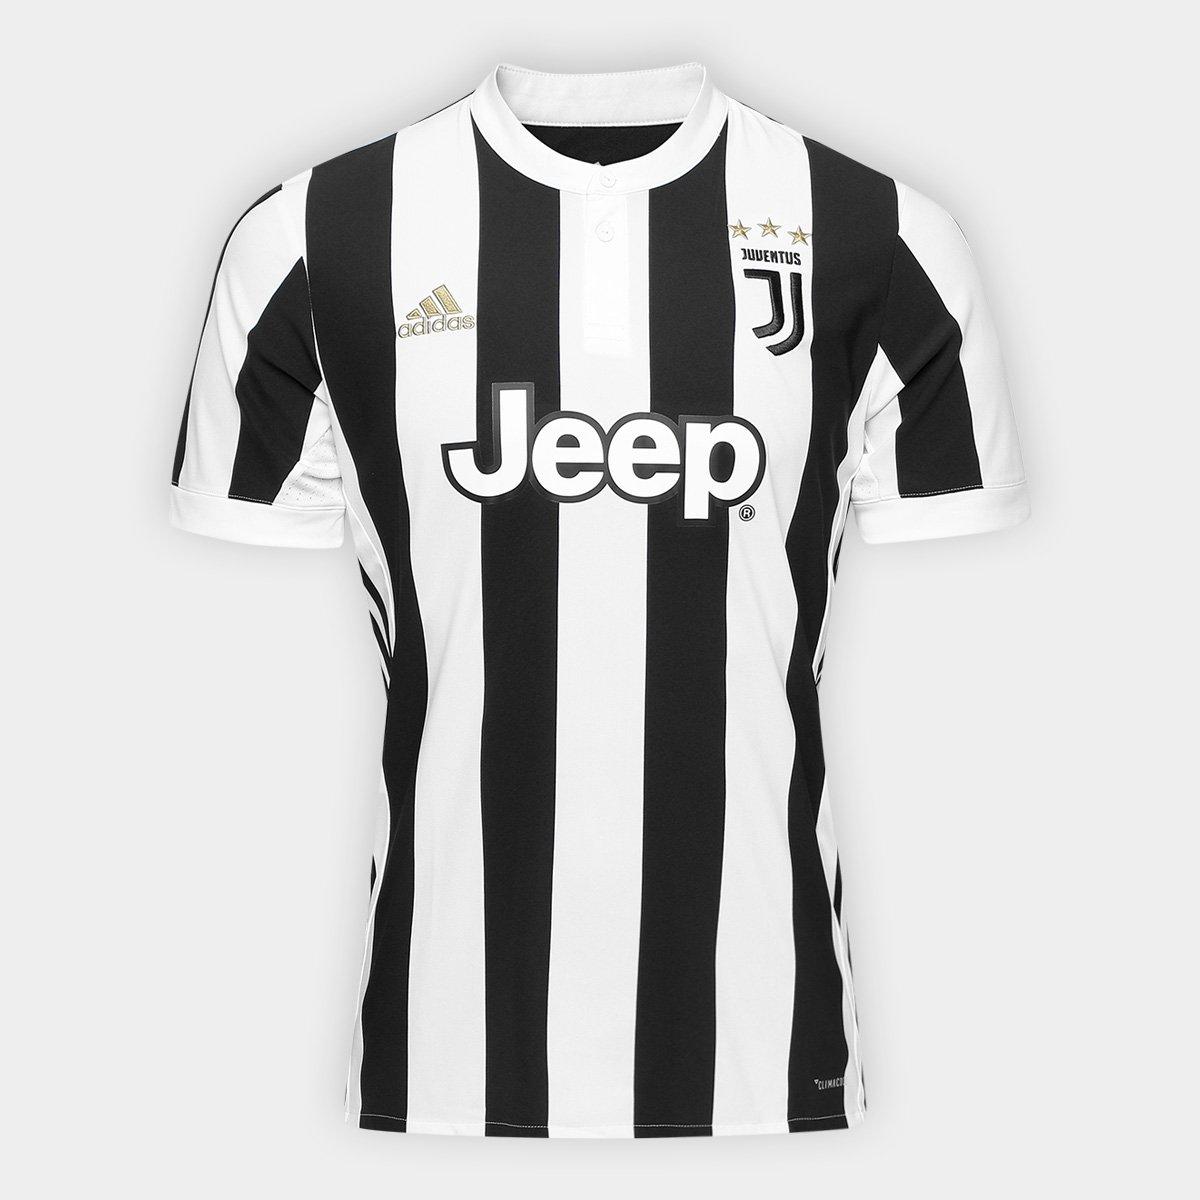 ... Camisa Juventus Home 17 18 nº 7 Ronaldo - Torcedor Adidas Masculina ... 45dd8321a44f9